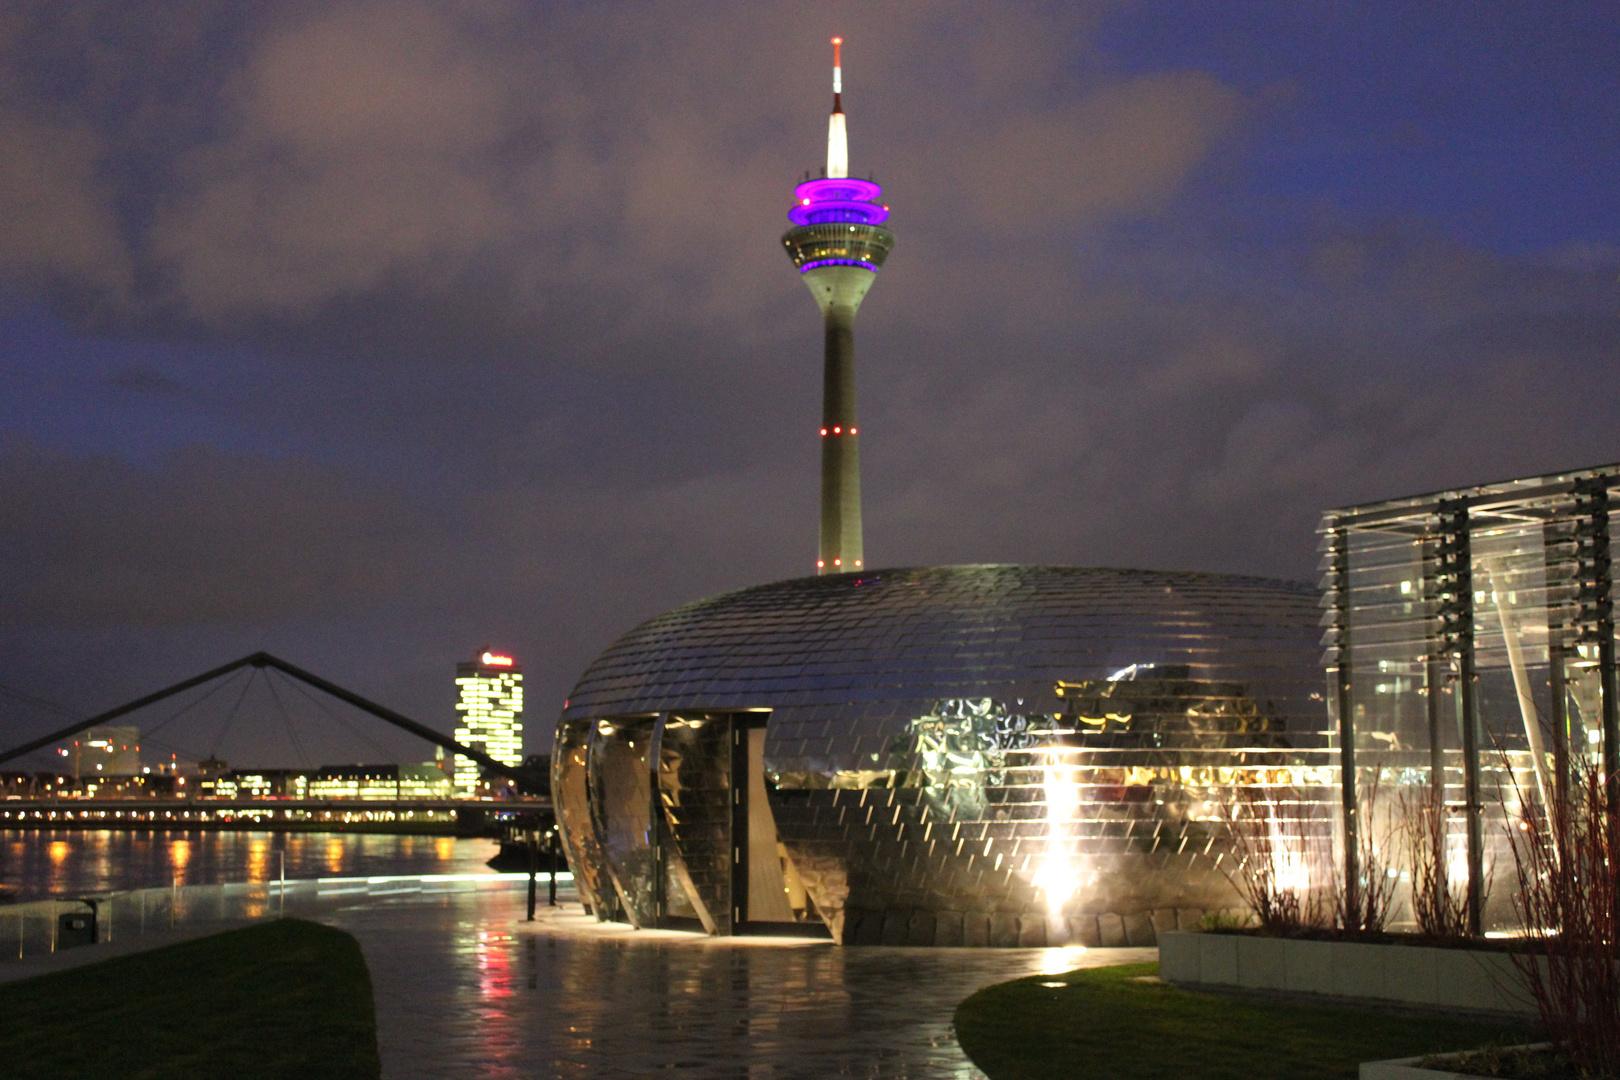 Düsseldorf Fernsehturm und Medienhafen vom Hyatt Hotel